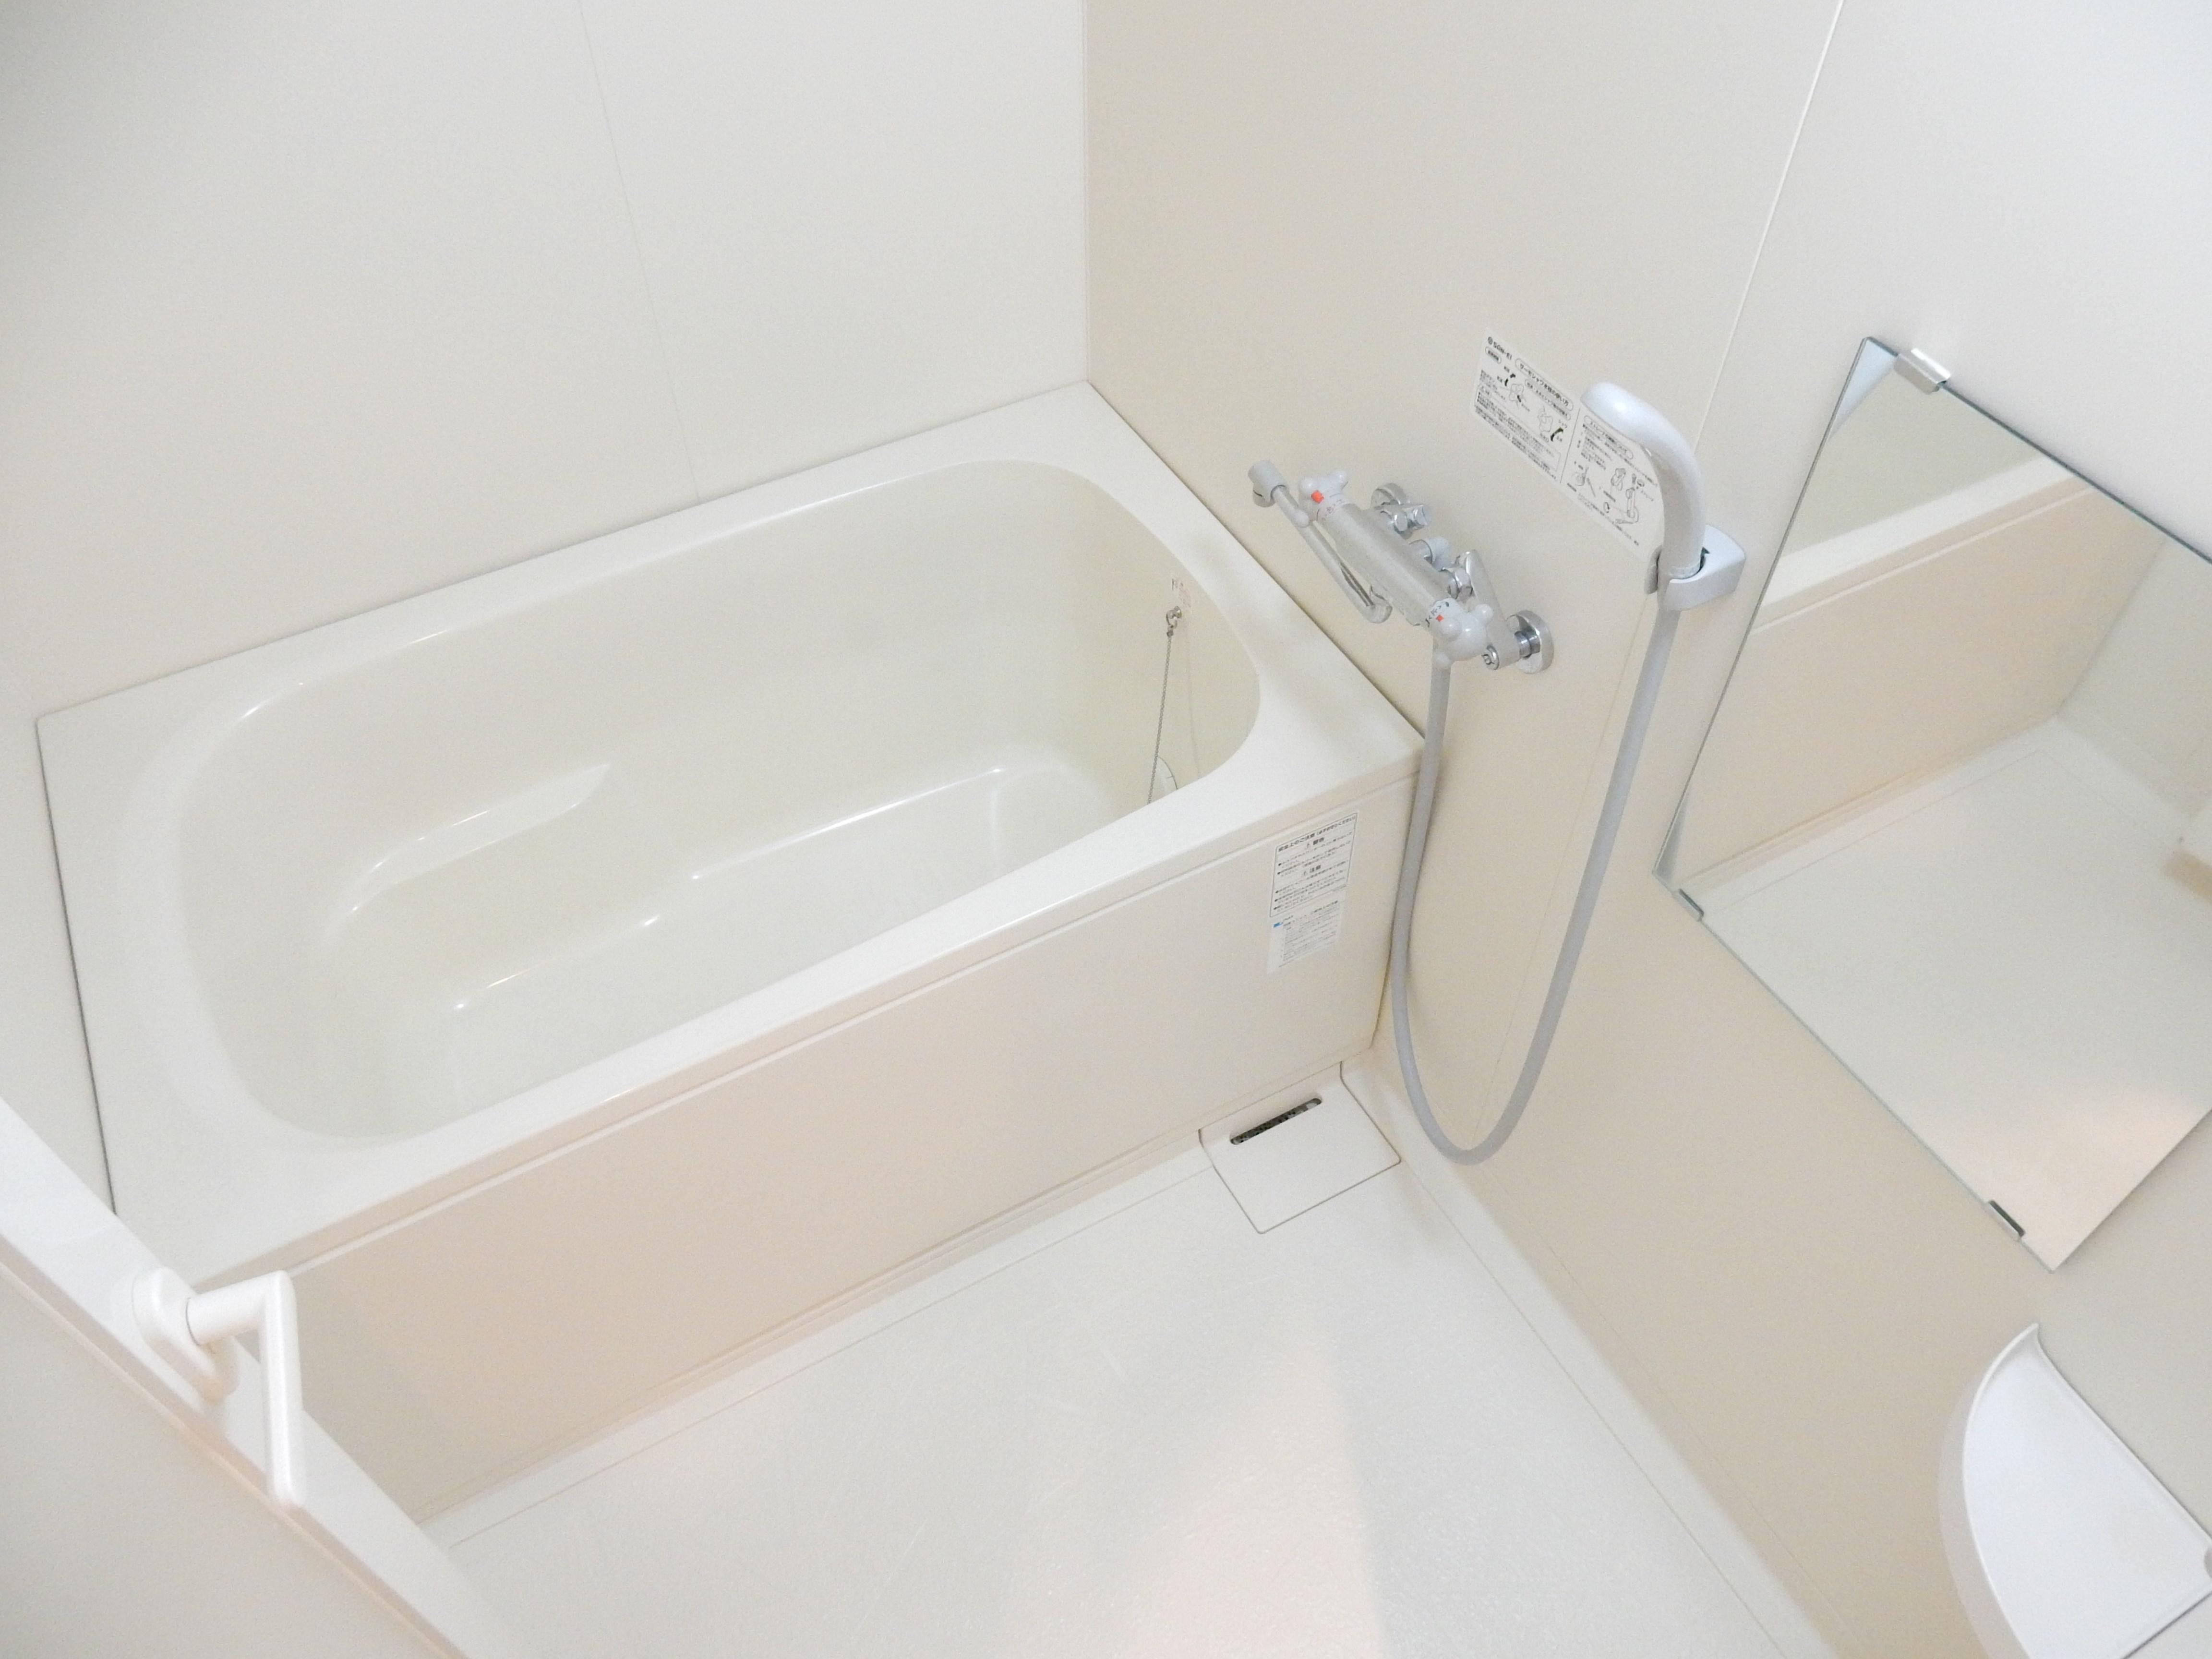 差湯式追炊き・浴室乾燥暖房機